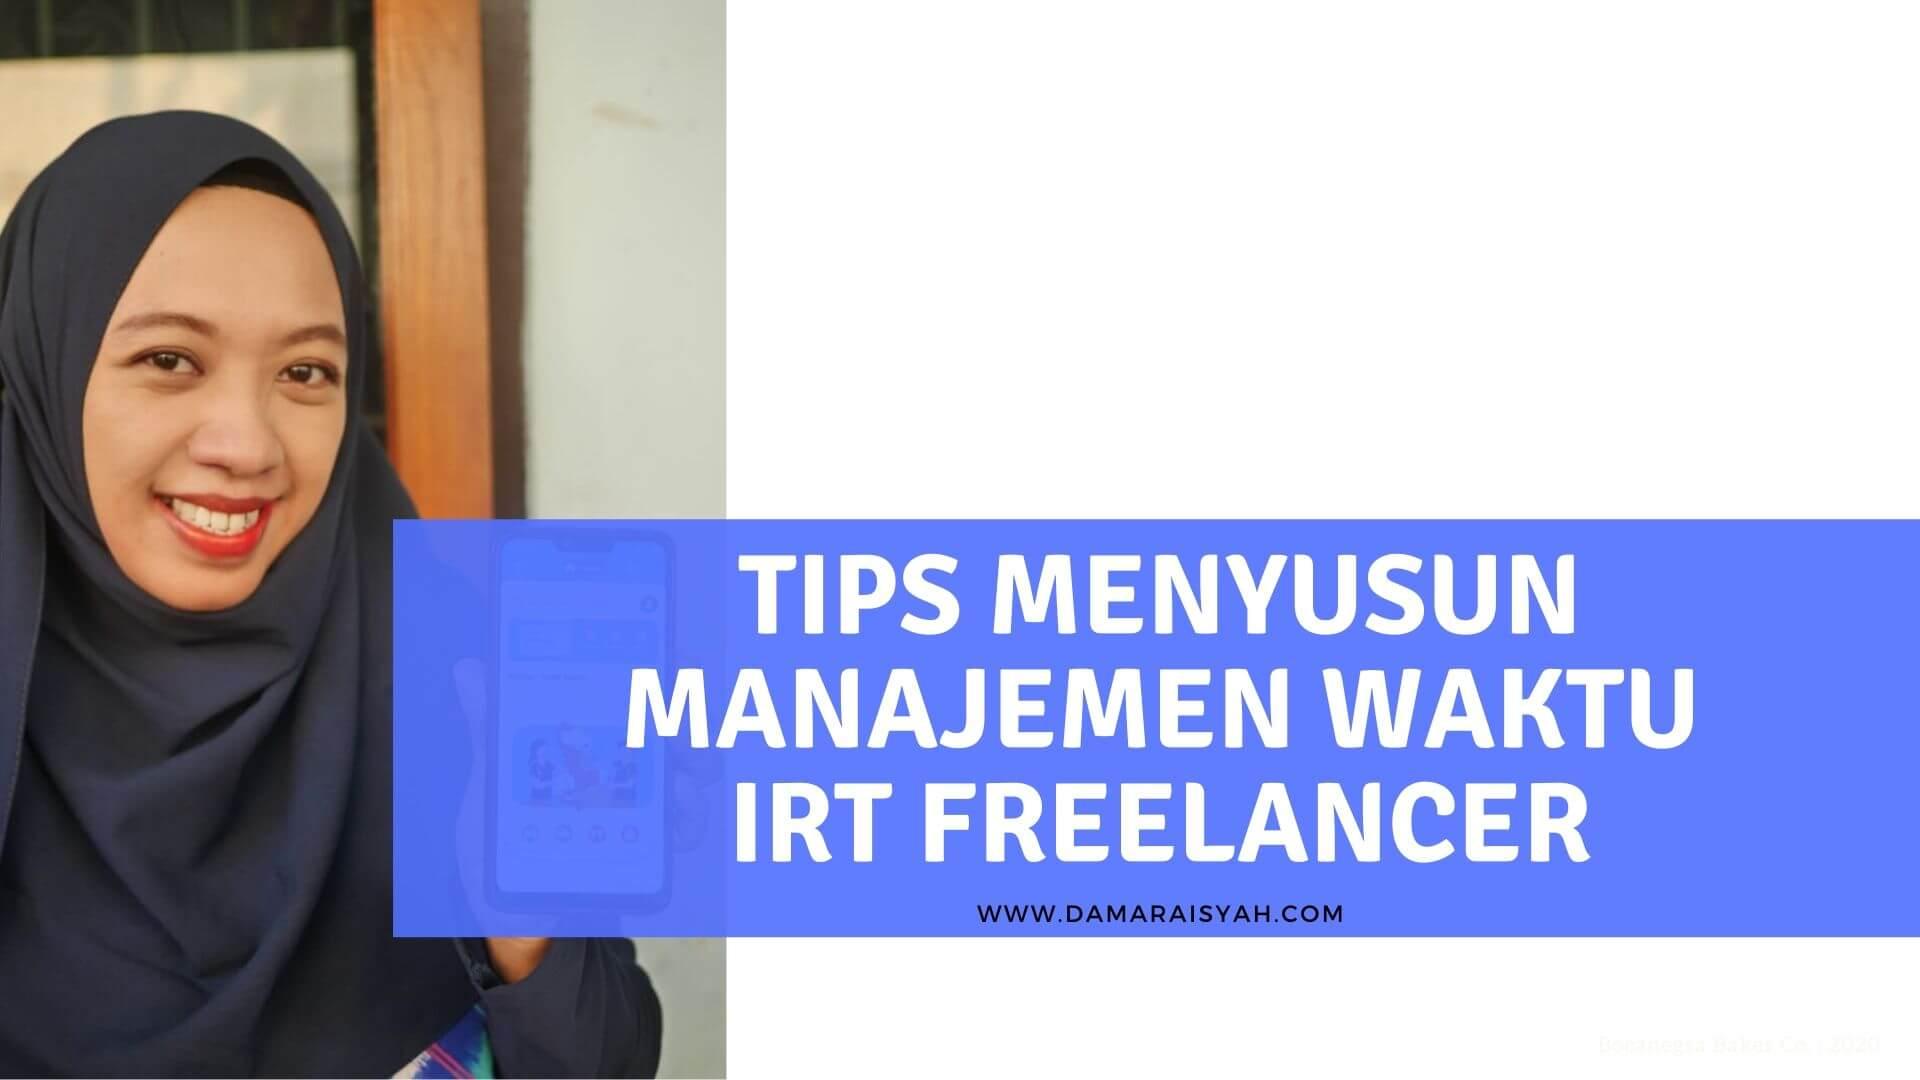 Cara mengatur manajemen waktu IRT freelancer